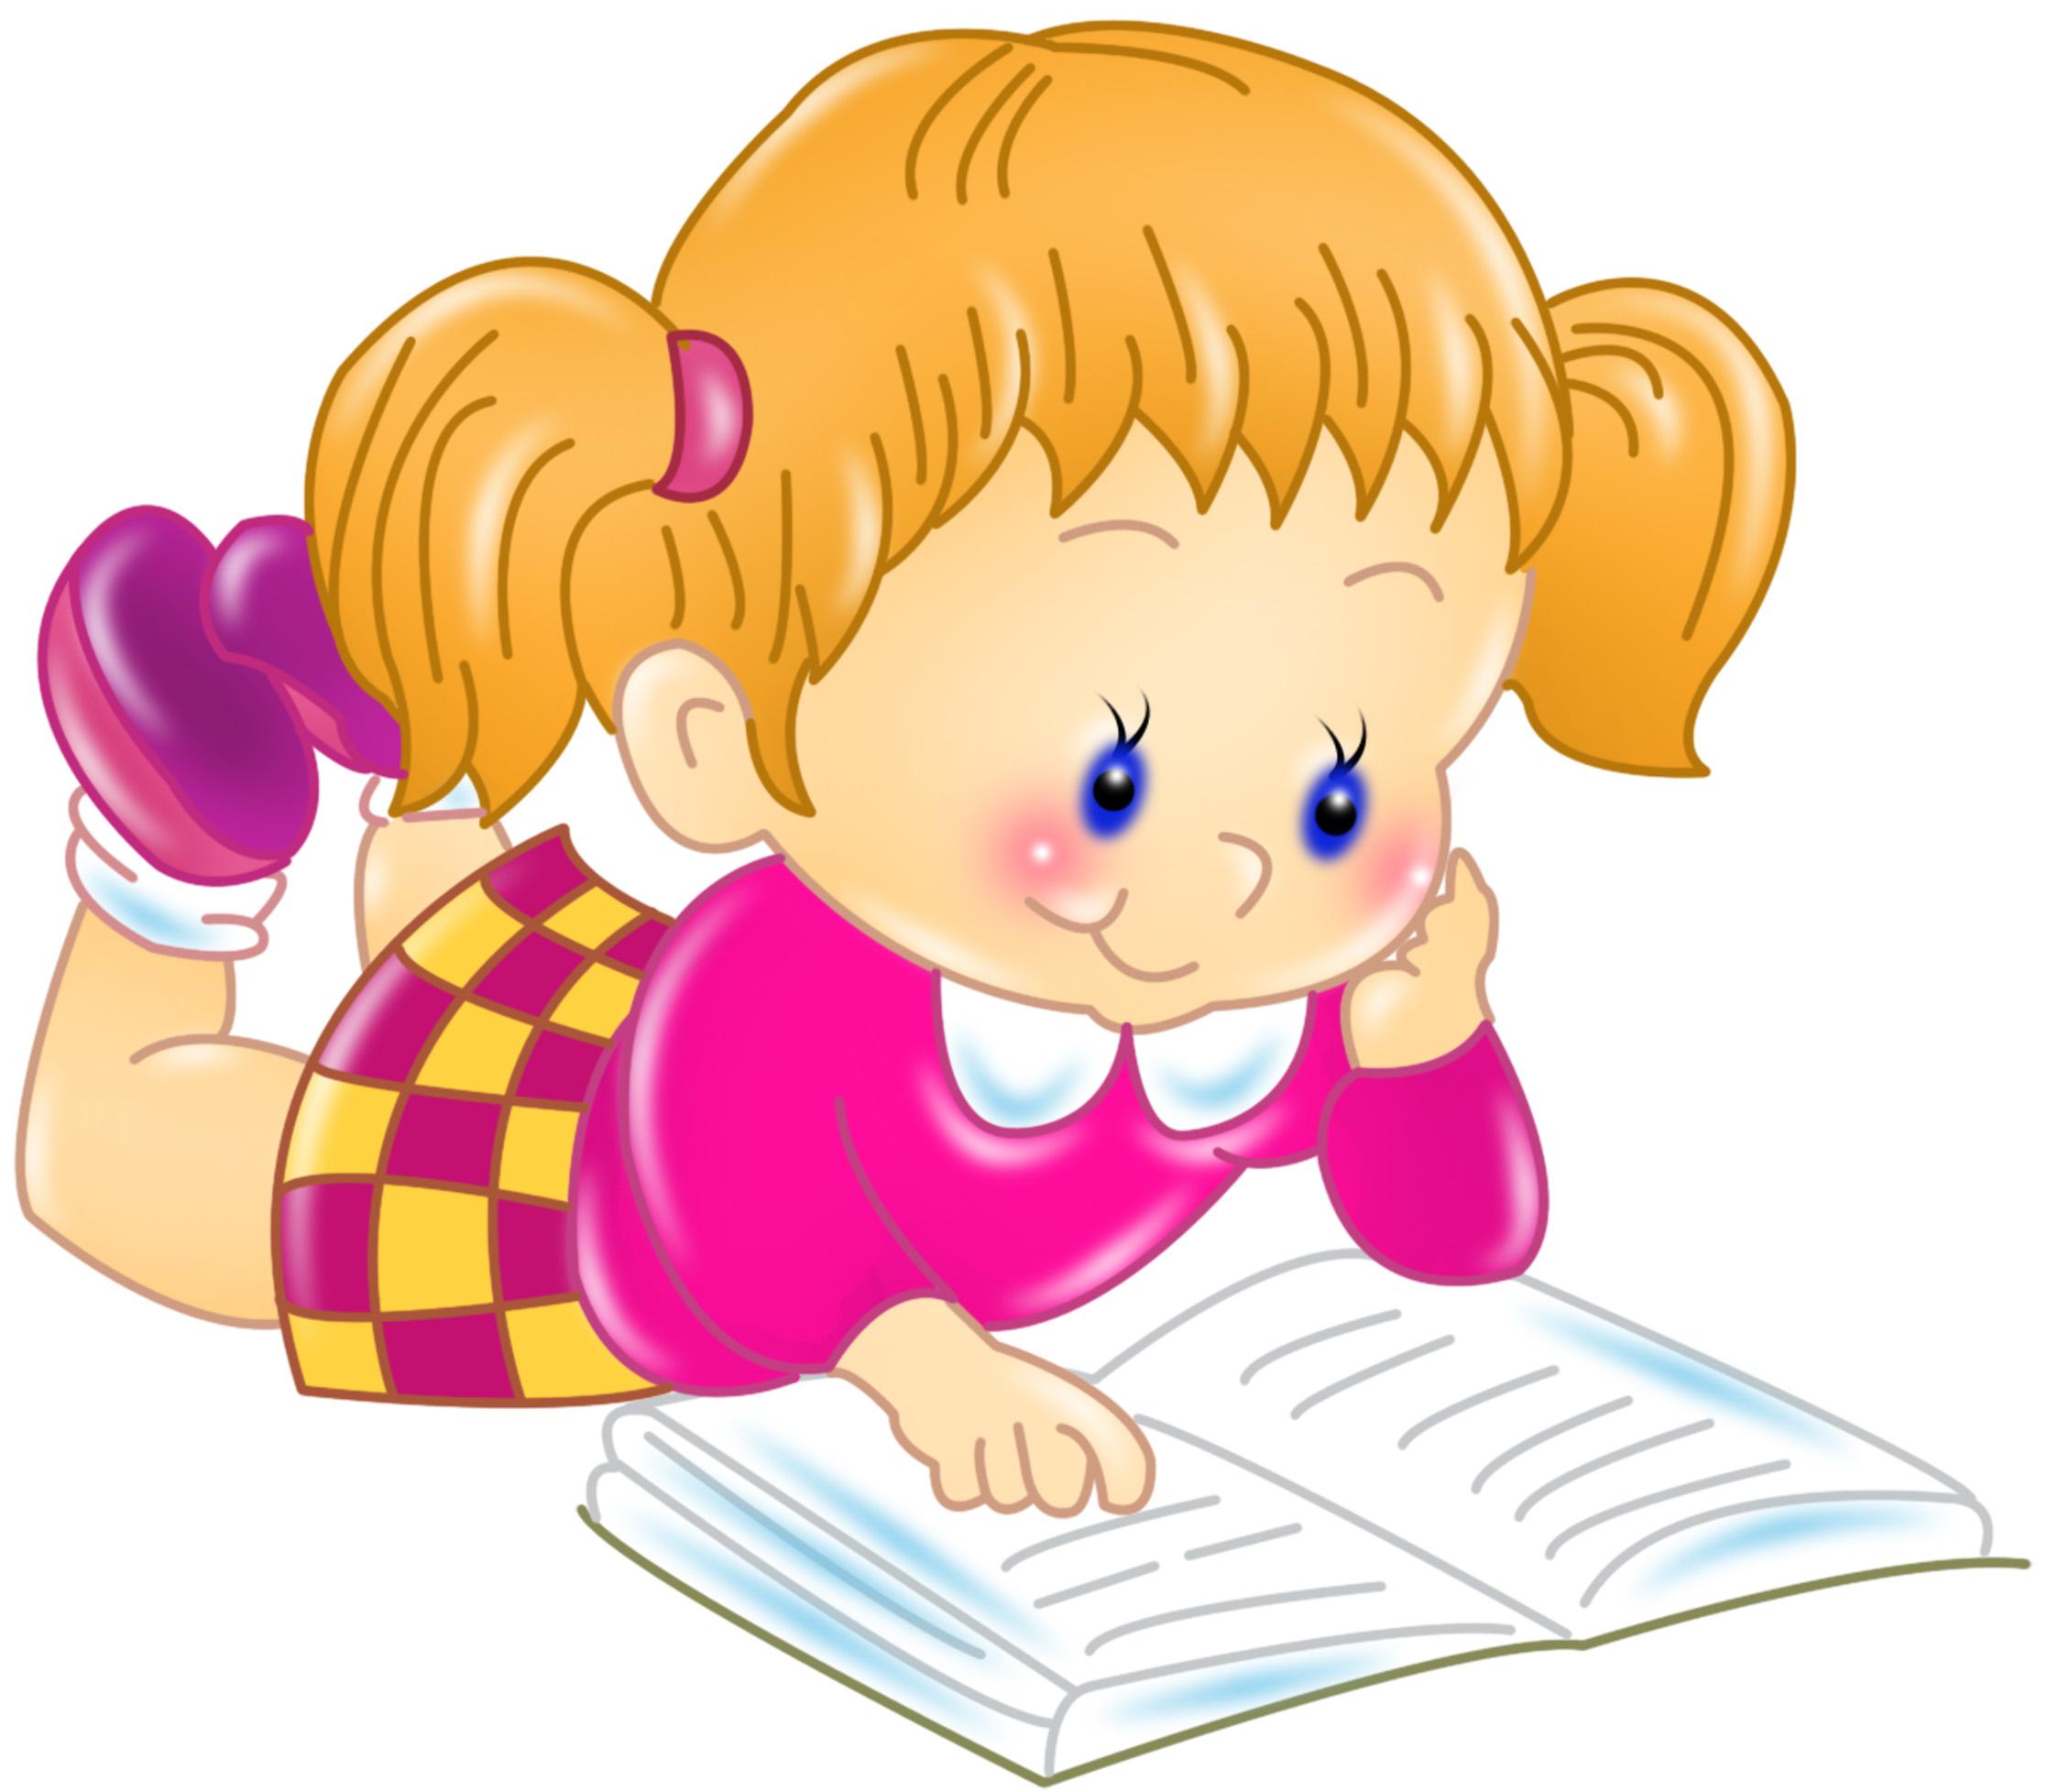 Картинки днем, картинки о книге для детей